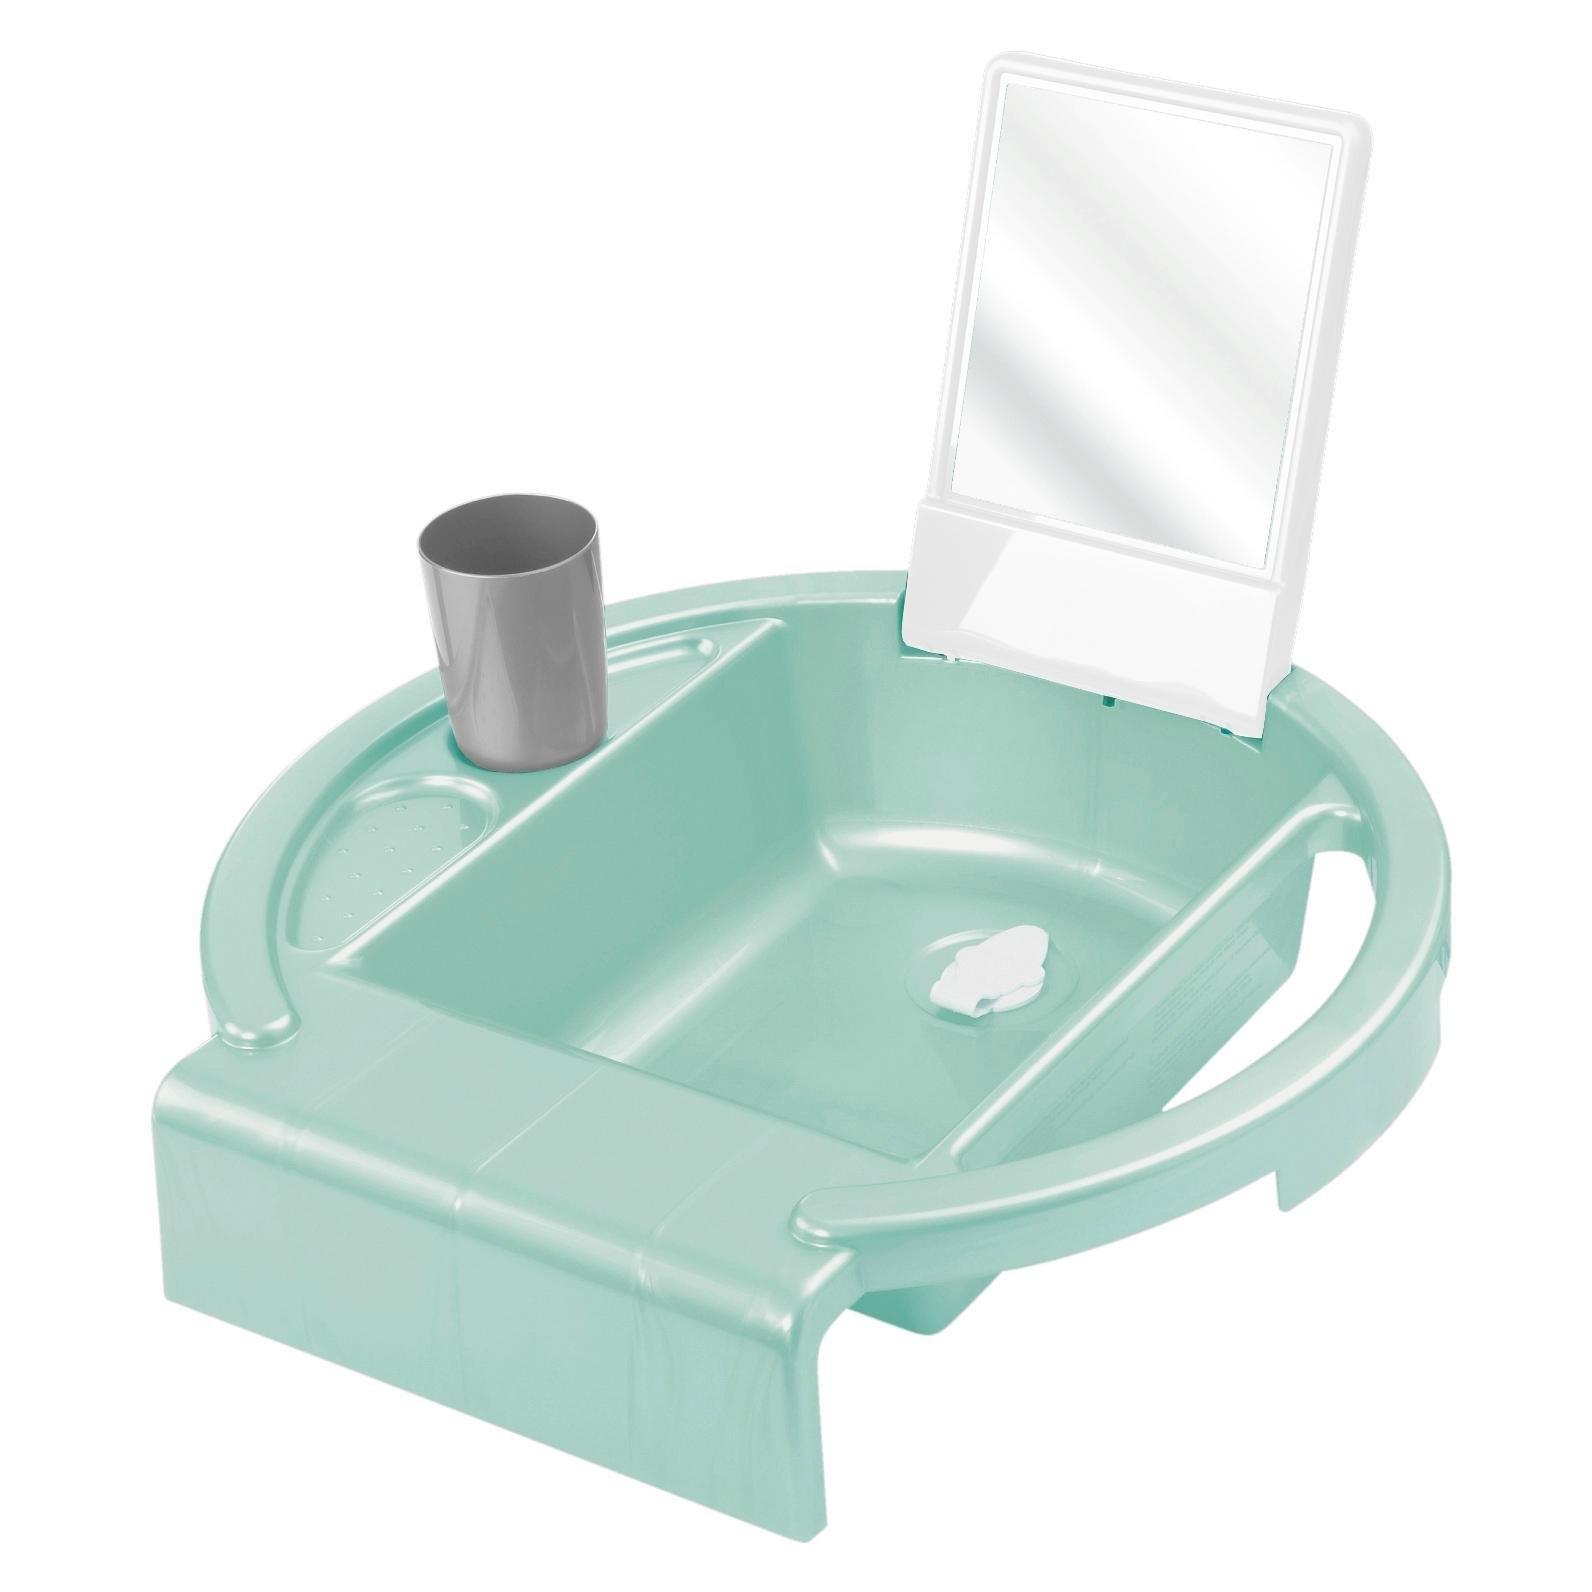 Rotho Babydesign wastafelopzet goedkoop op otto.nl kopen